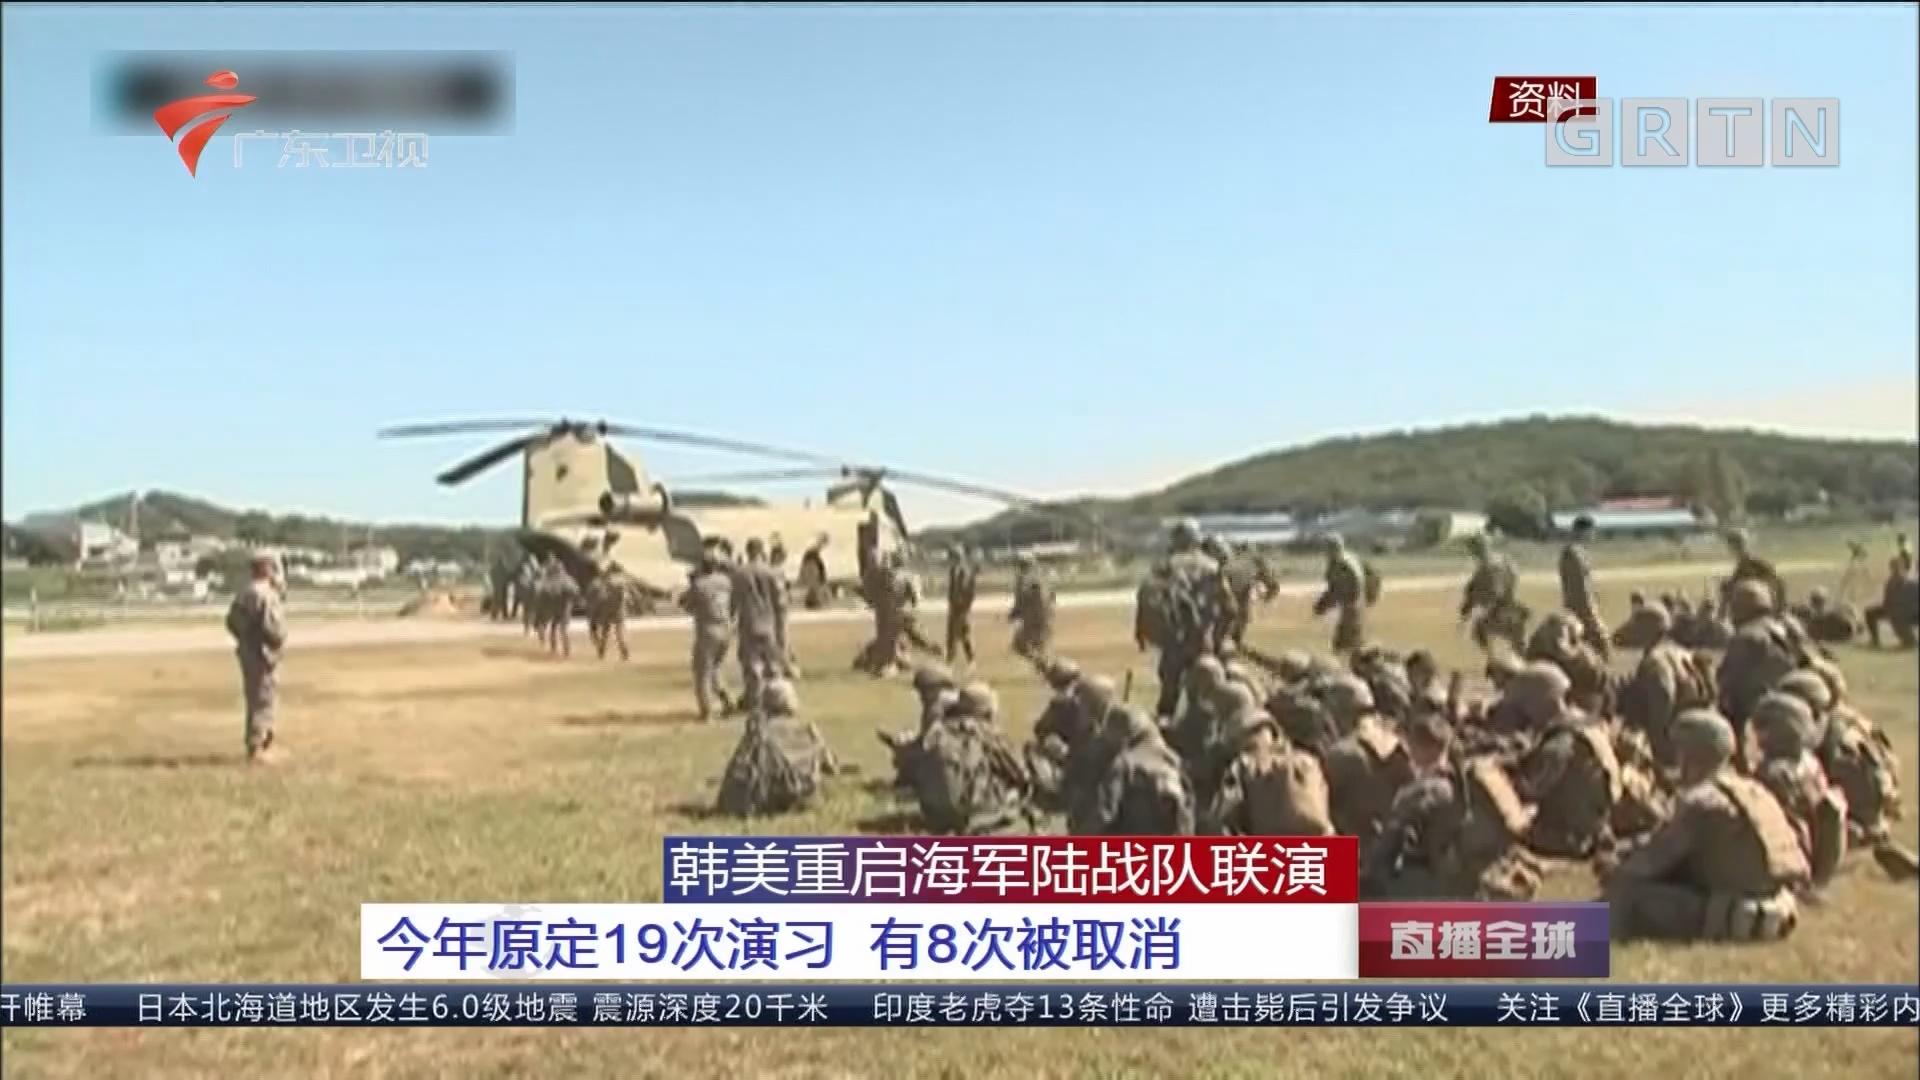 韩美重启海军陆战队联演:今年原定19次演习 有8次被取消